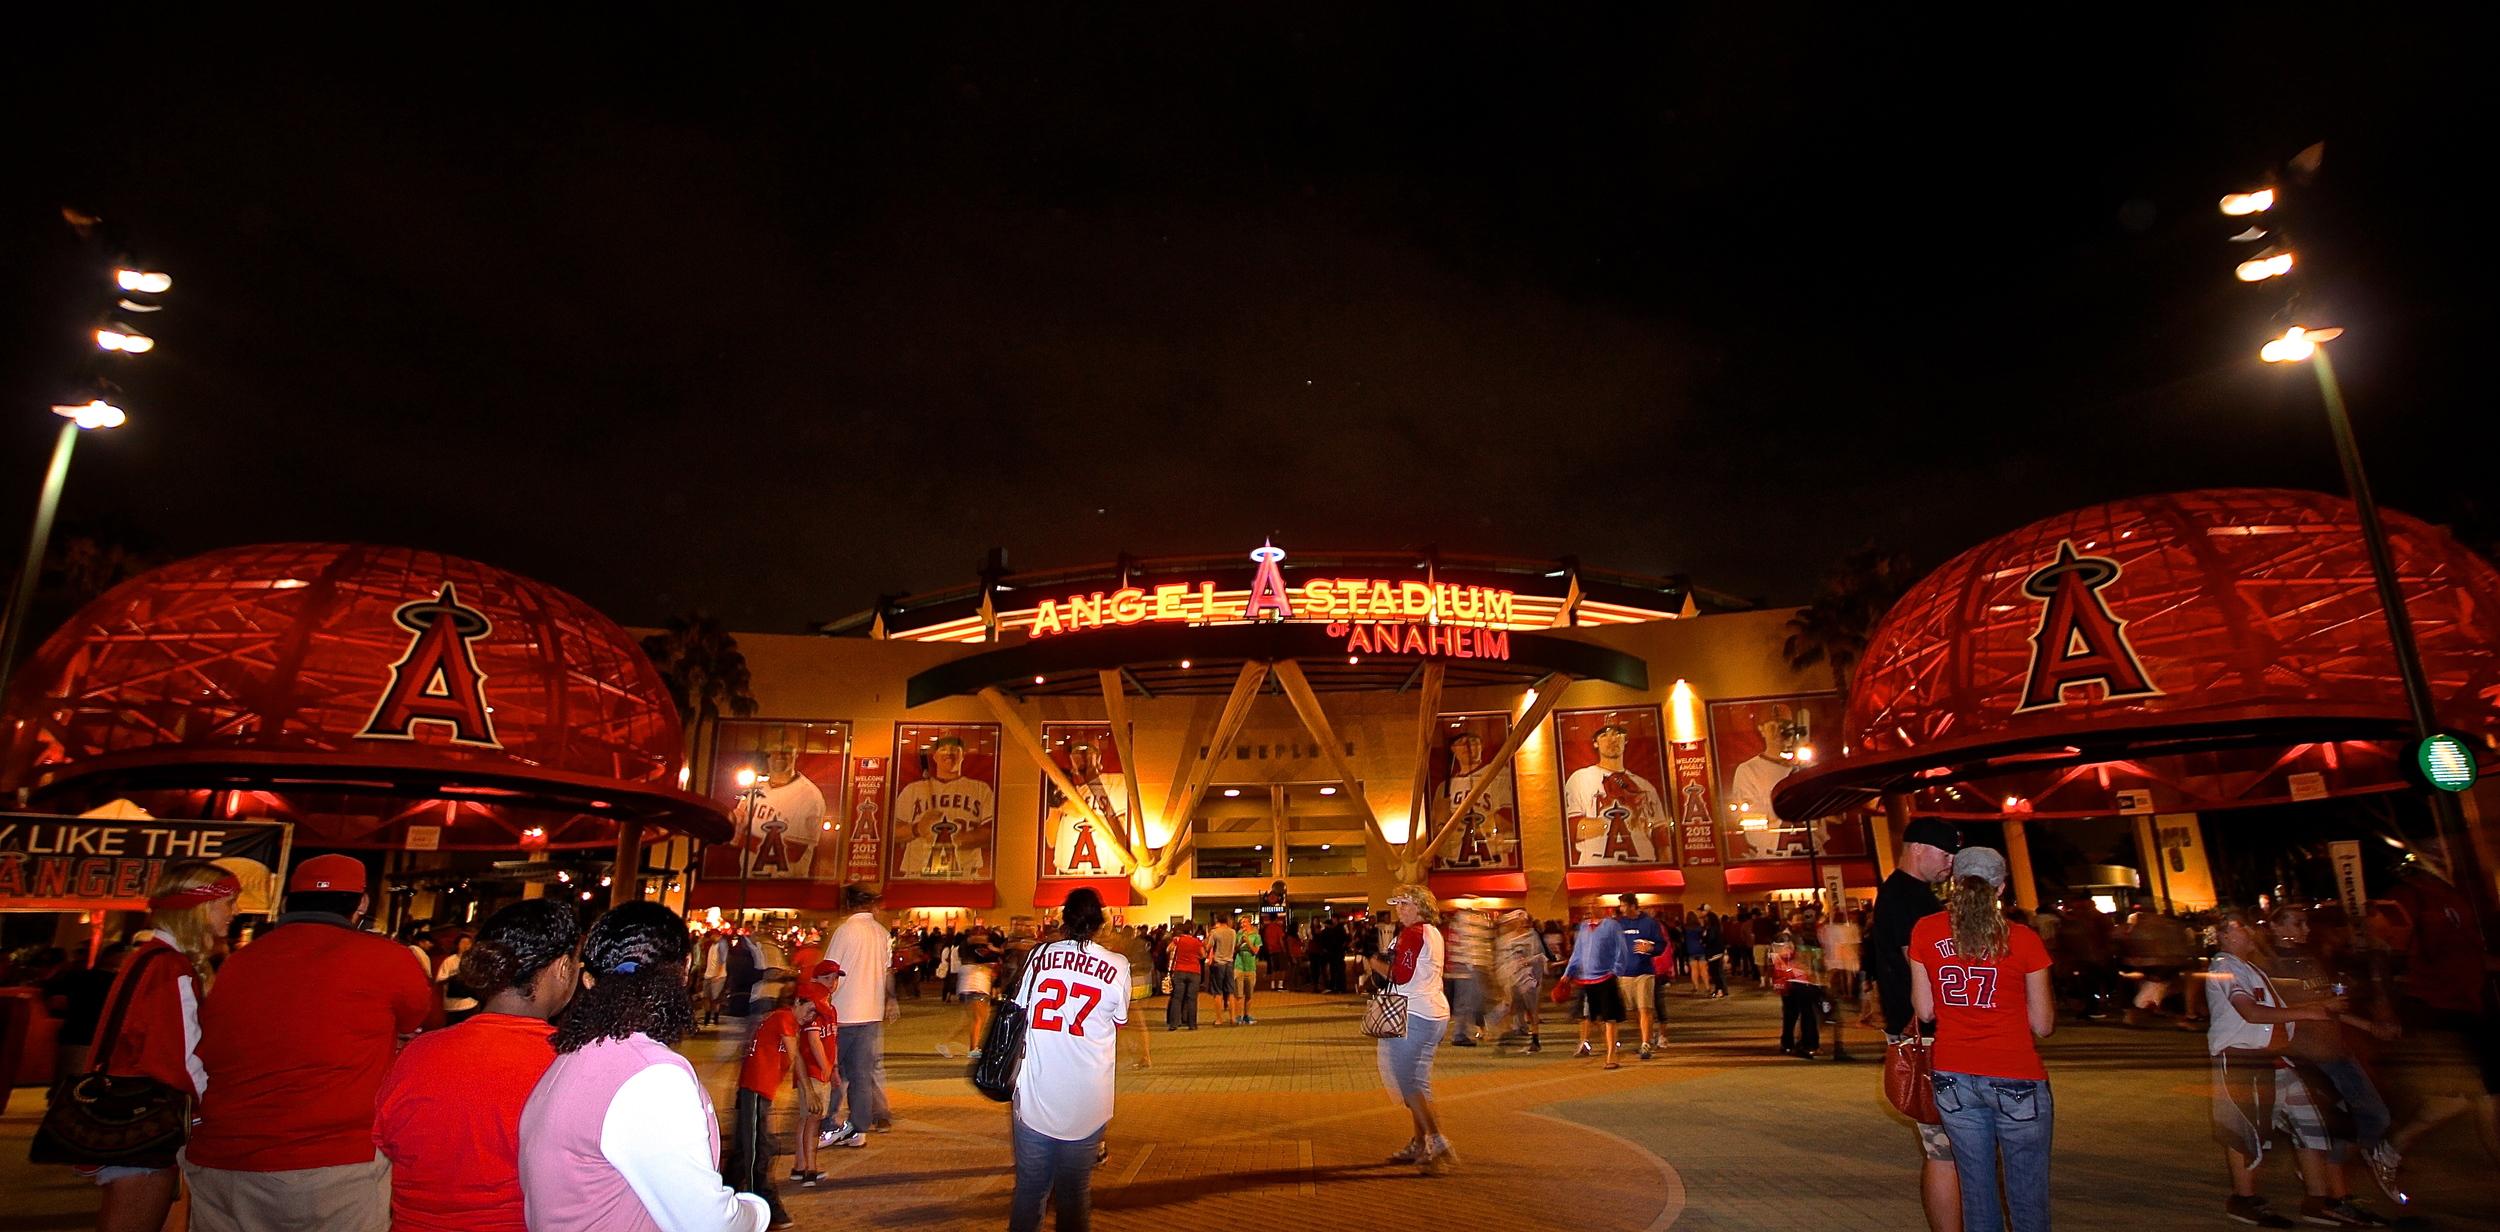 Goodnight Angel Stadium of Anaheim